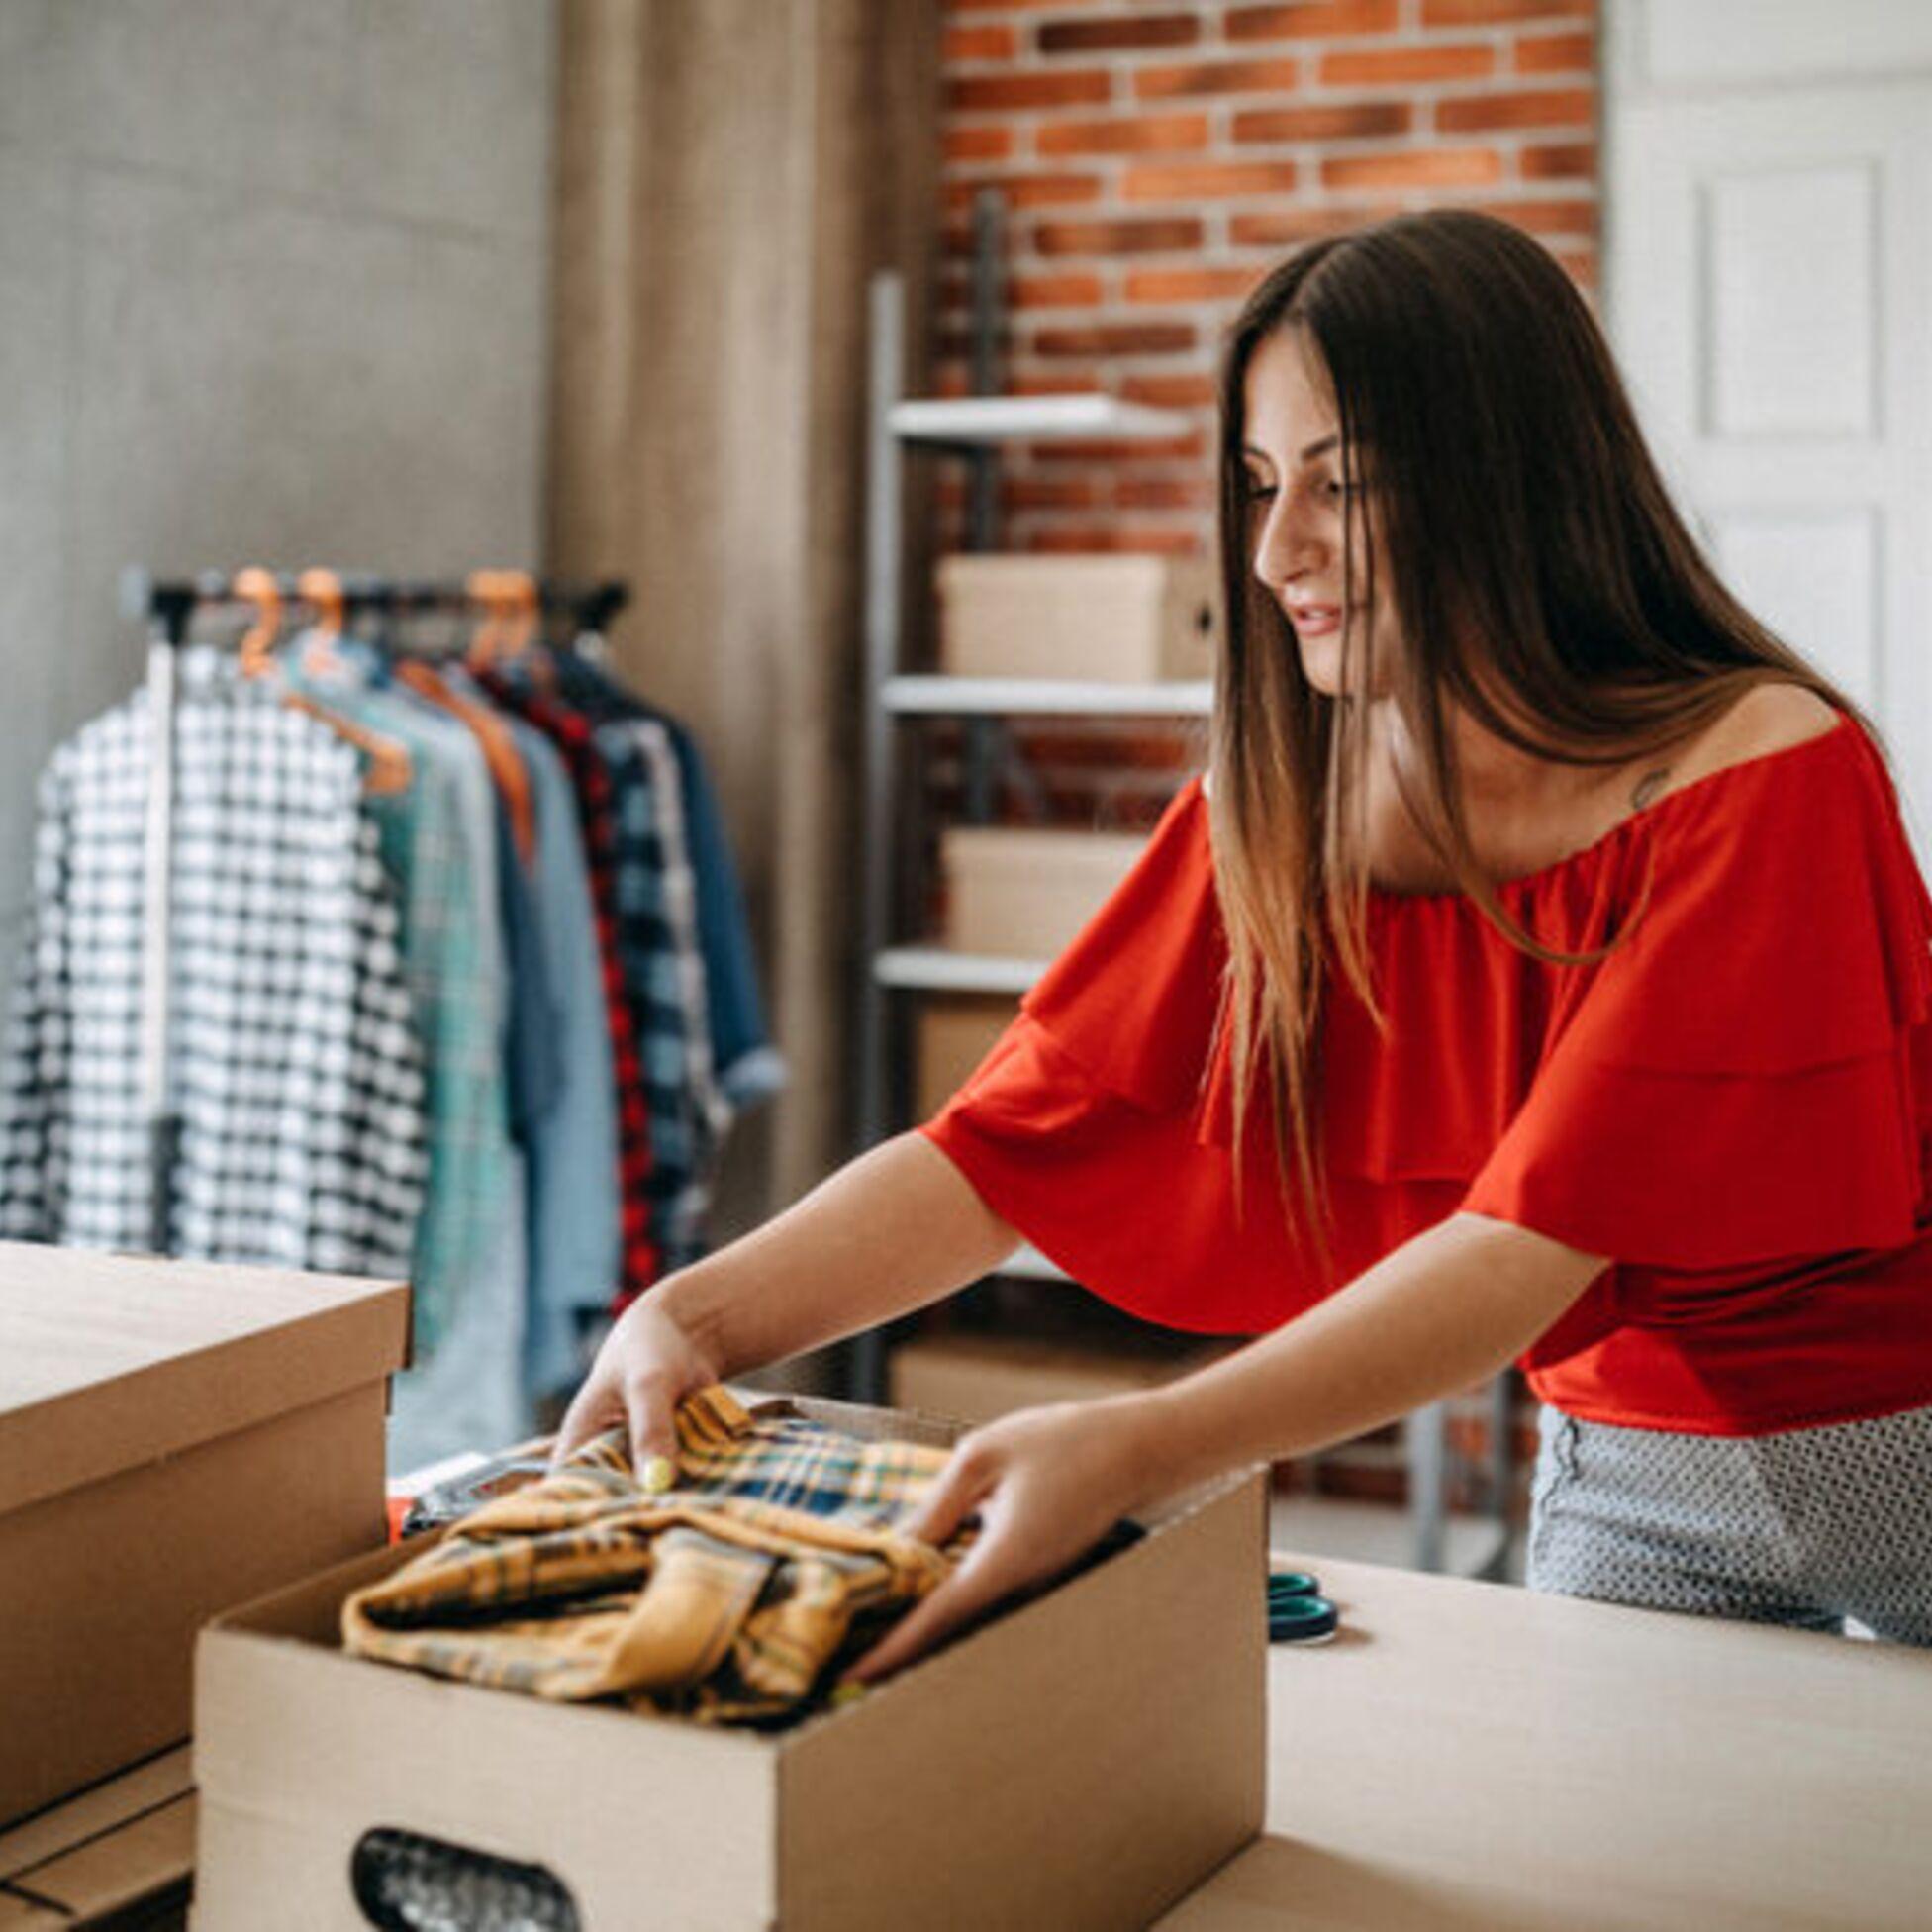 Frau packt Kleider ein